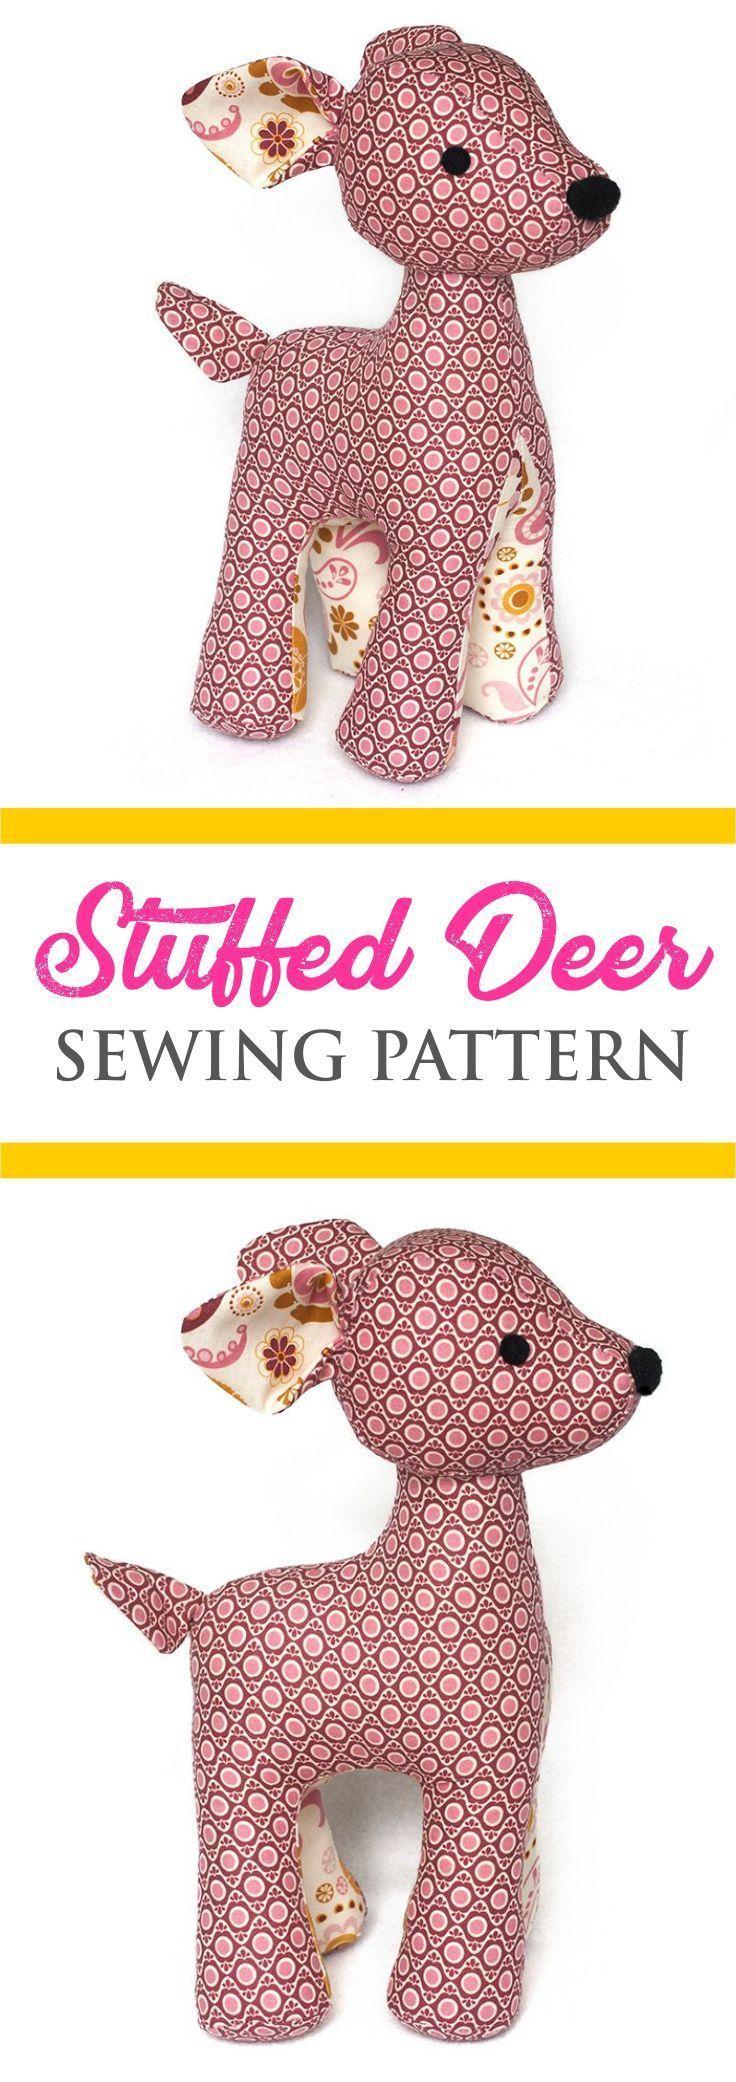 Stuffed Deer Sewing Pattern | Sew Plush Toy | Stuffed Animal Pattern